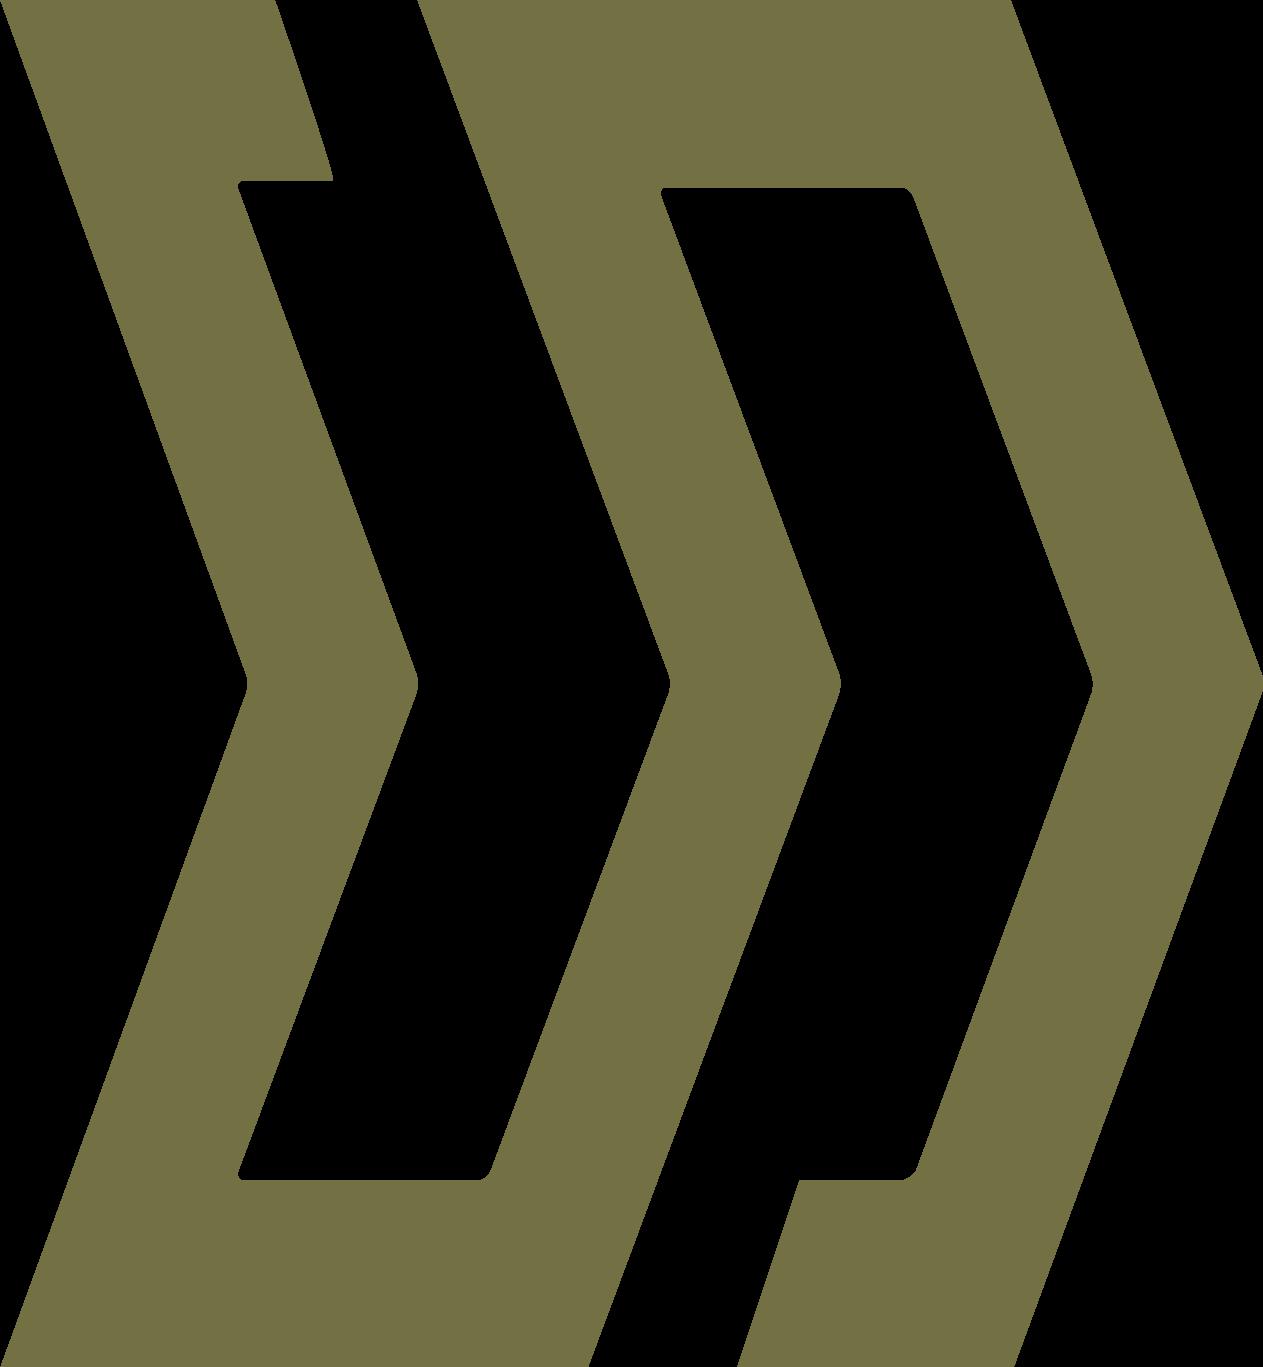 Triangle Decoration in Donate Block